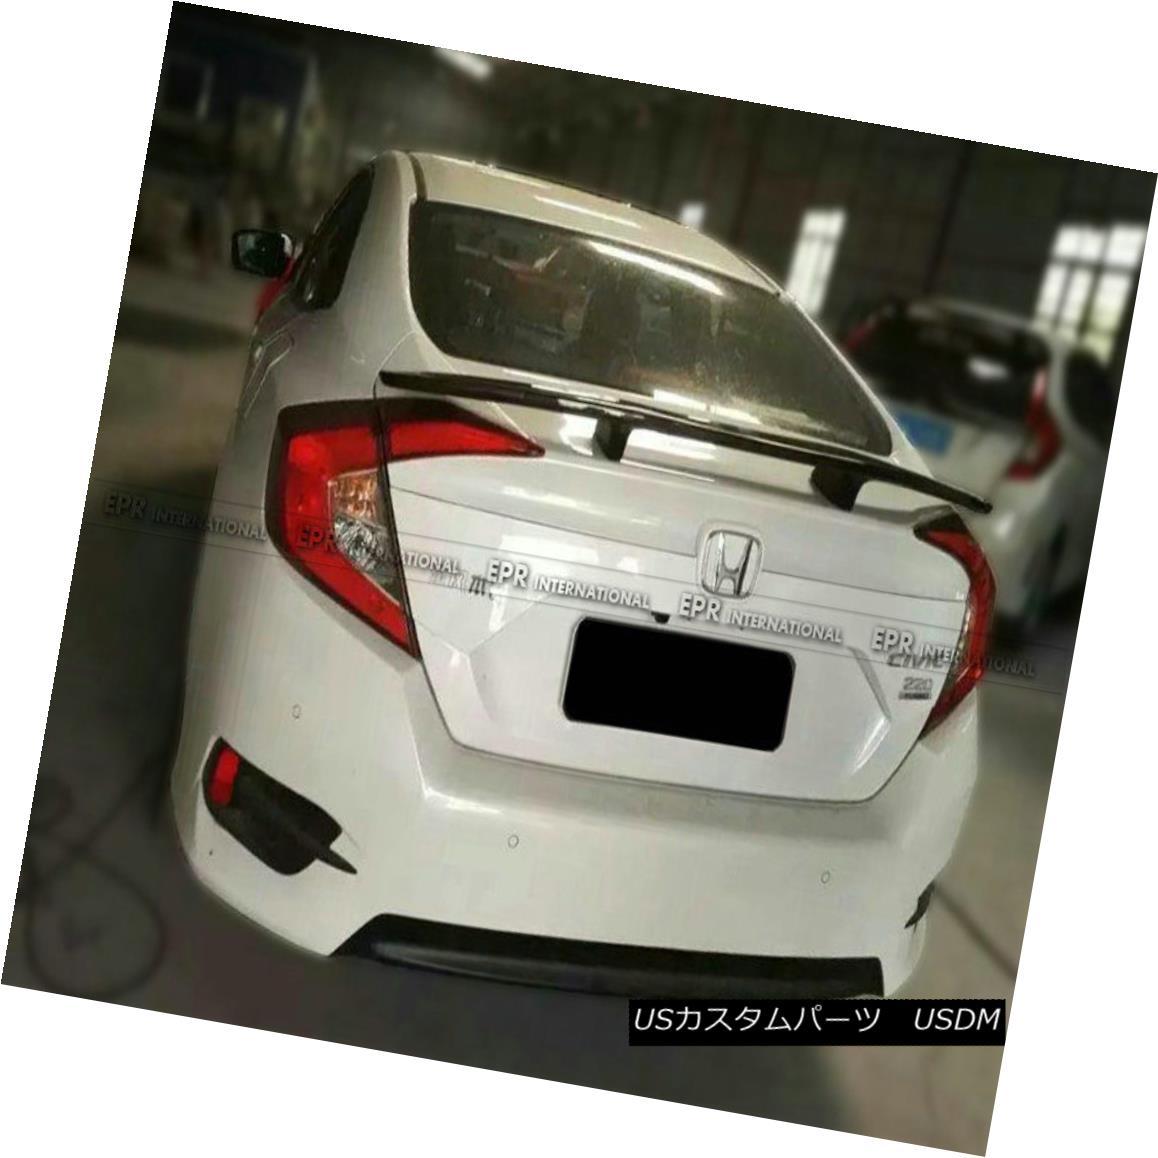 エアロパーツ AER Rear Spoiler Wing For Honda 10th Generation Civic FC KG-Style Carbon Fiber ホンダ第10世代シビックFC KGスタイルカーボンファイバー用AERリアスポイラーウイング